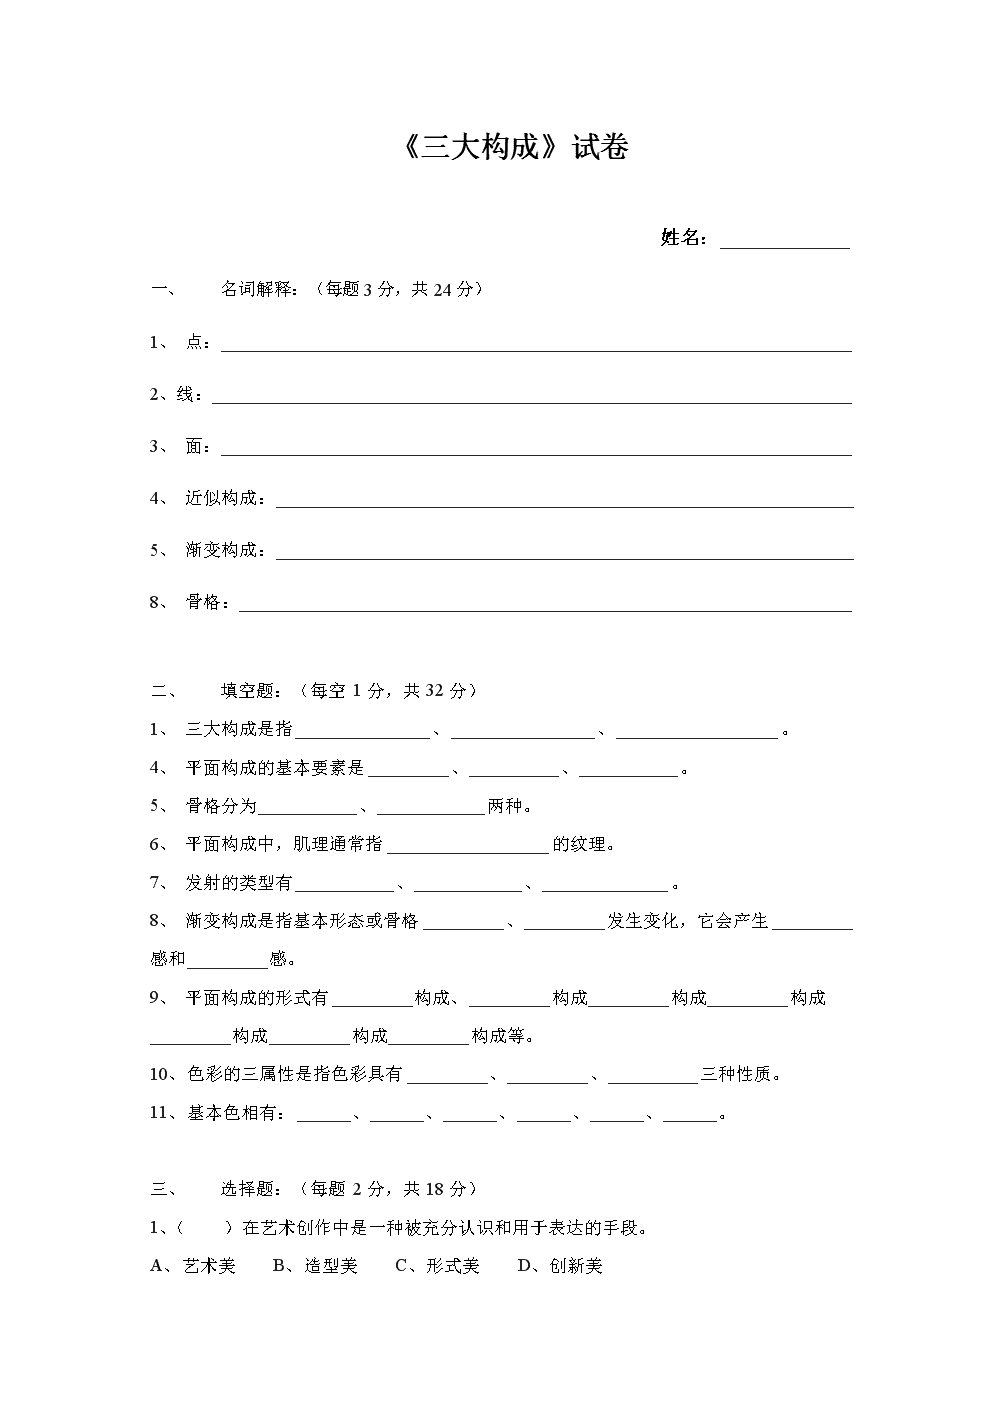 艺术设计三大构成试卷及答案 OK.doc